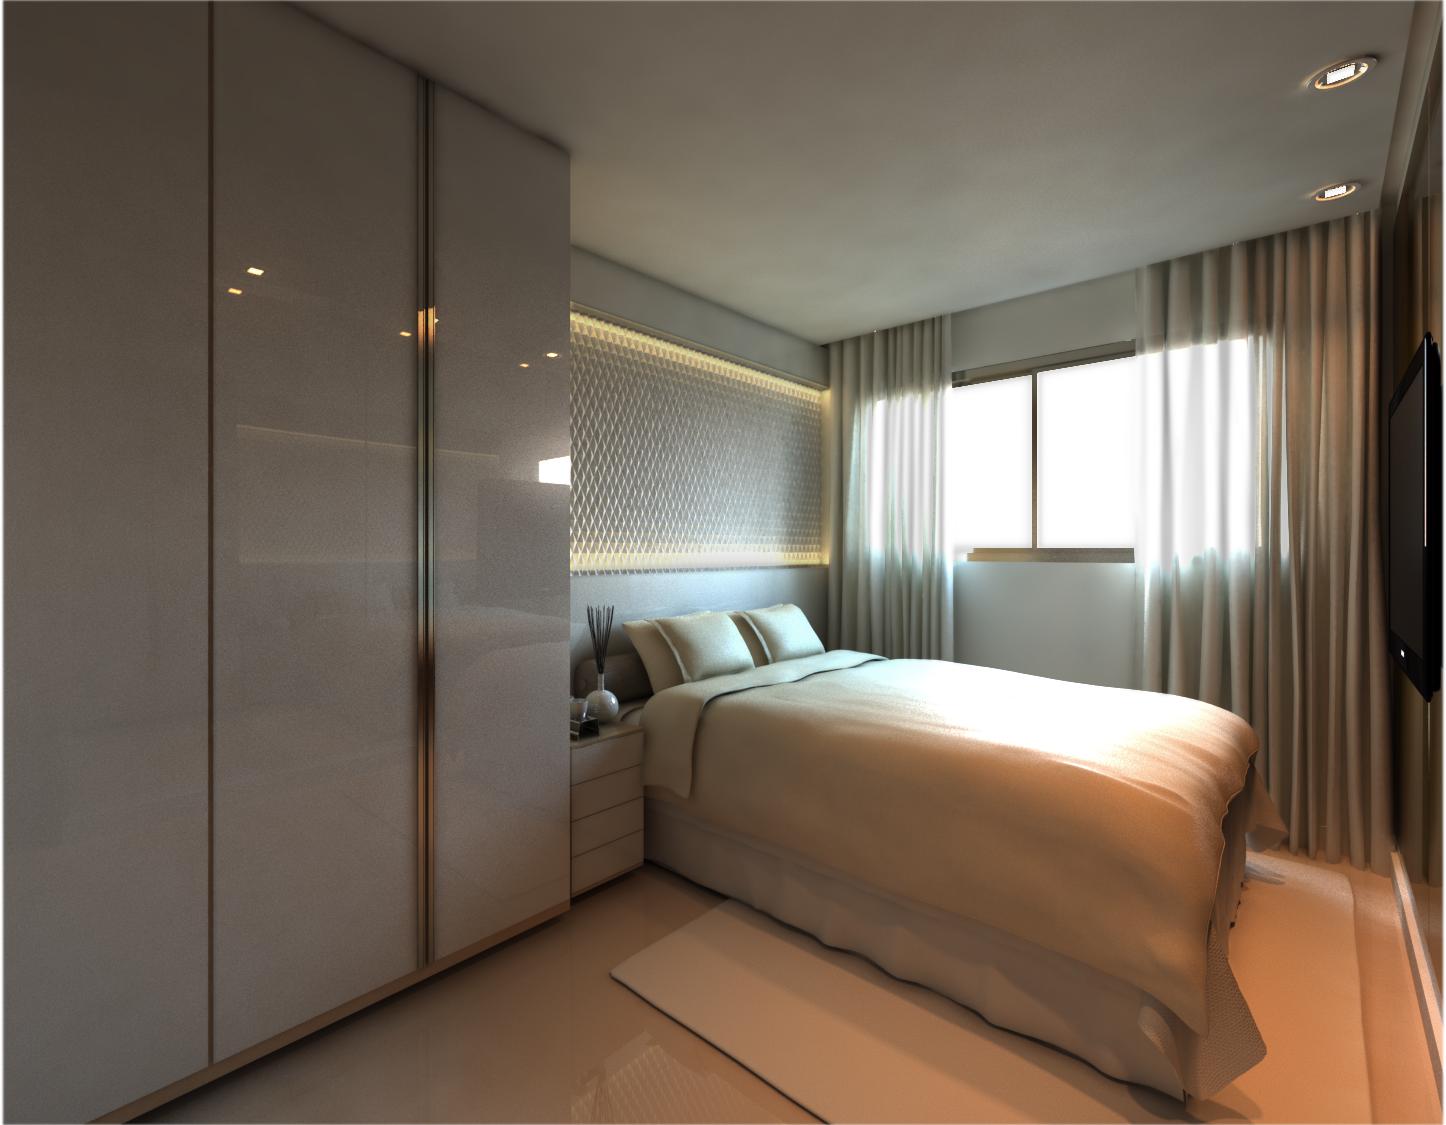 Acabamento é determinante na decisão de compra do apartamento novo  #955C36 1446x1125